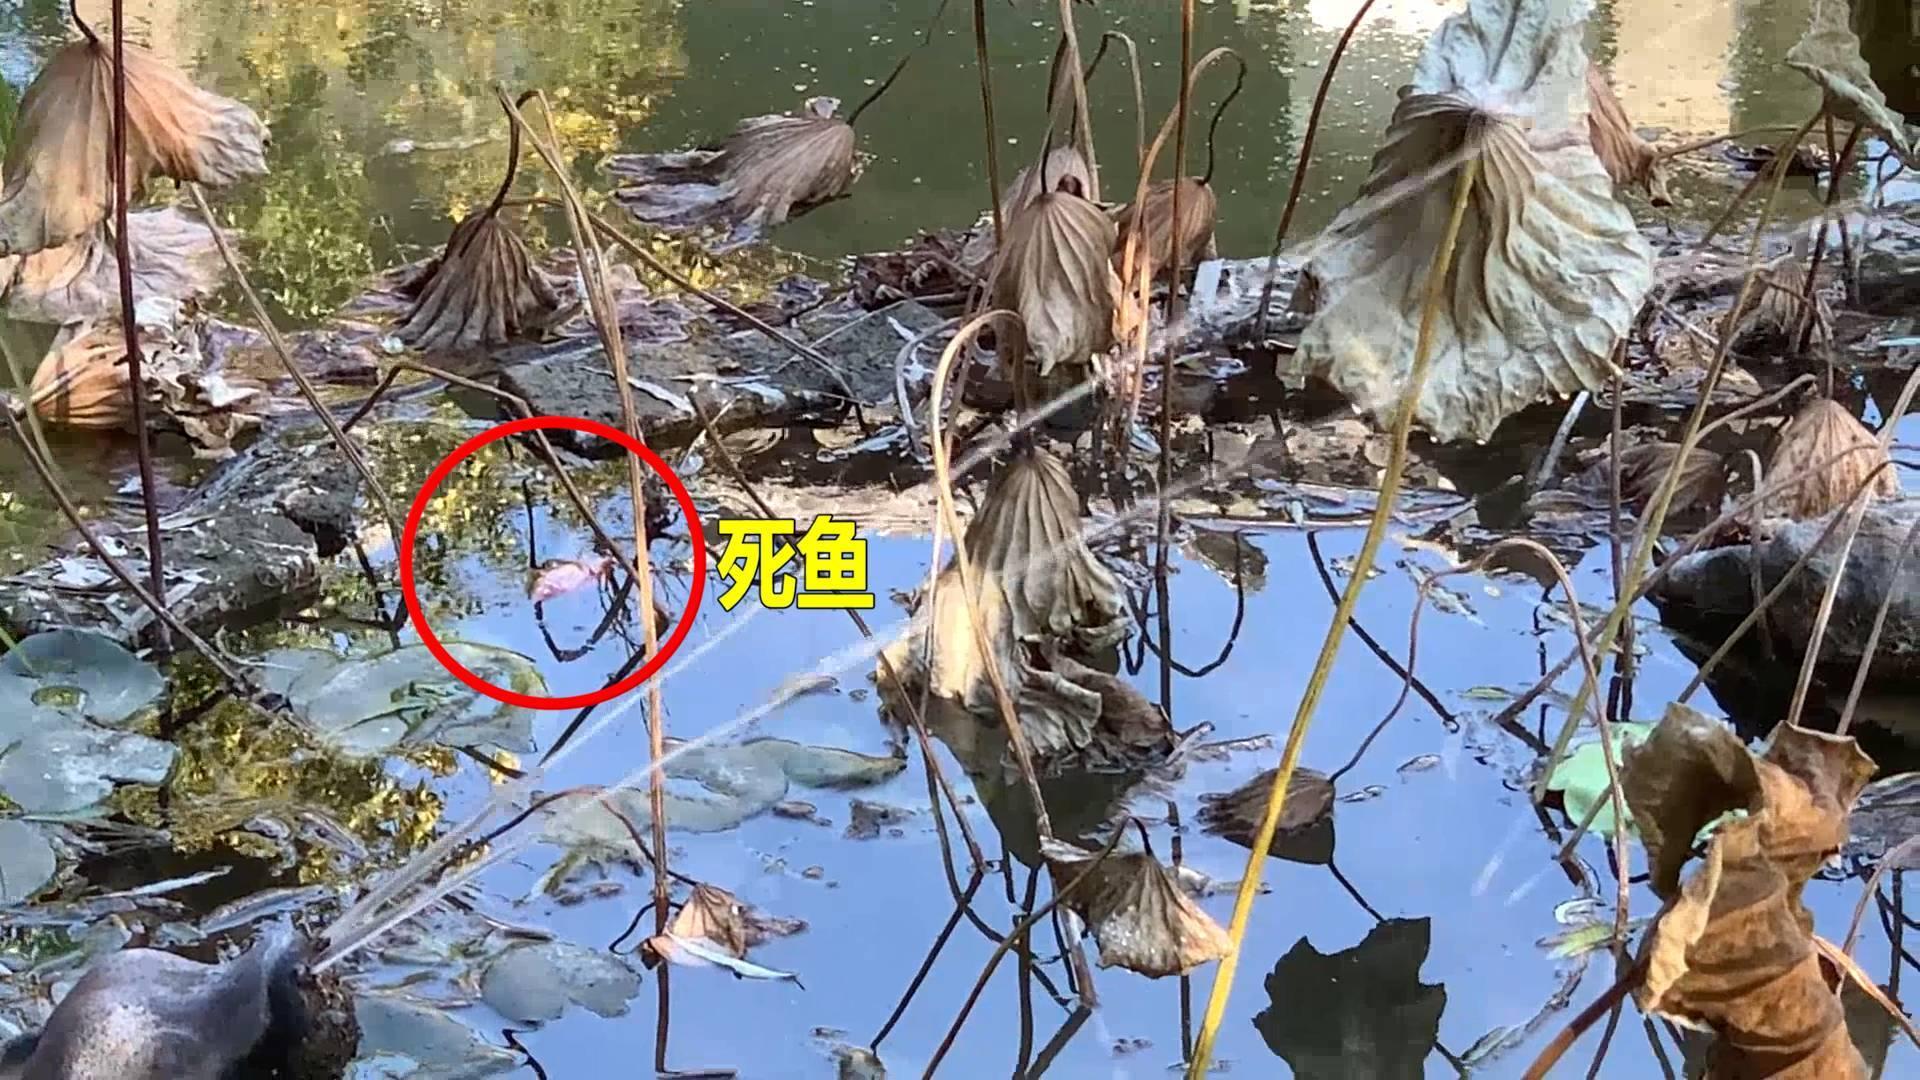 问政山东|国家级文保单位十笏园水池布满蚊蝇幼虫还漂着死鱼 工作人员称:一直在换水